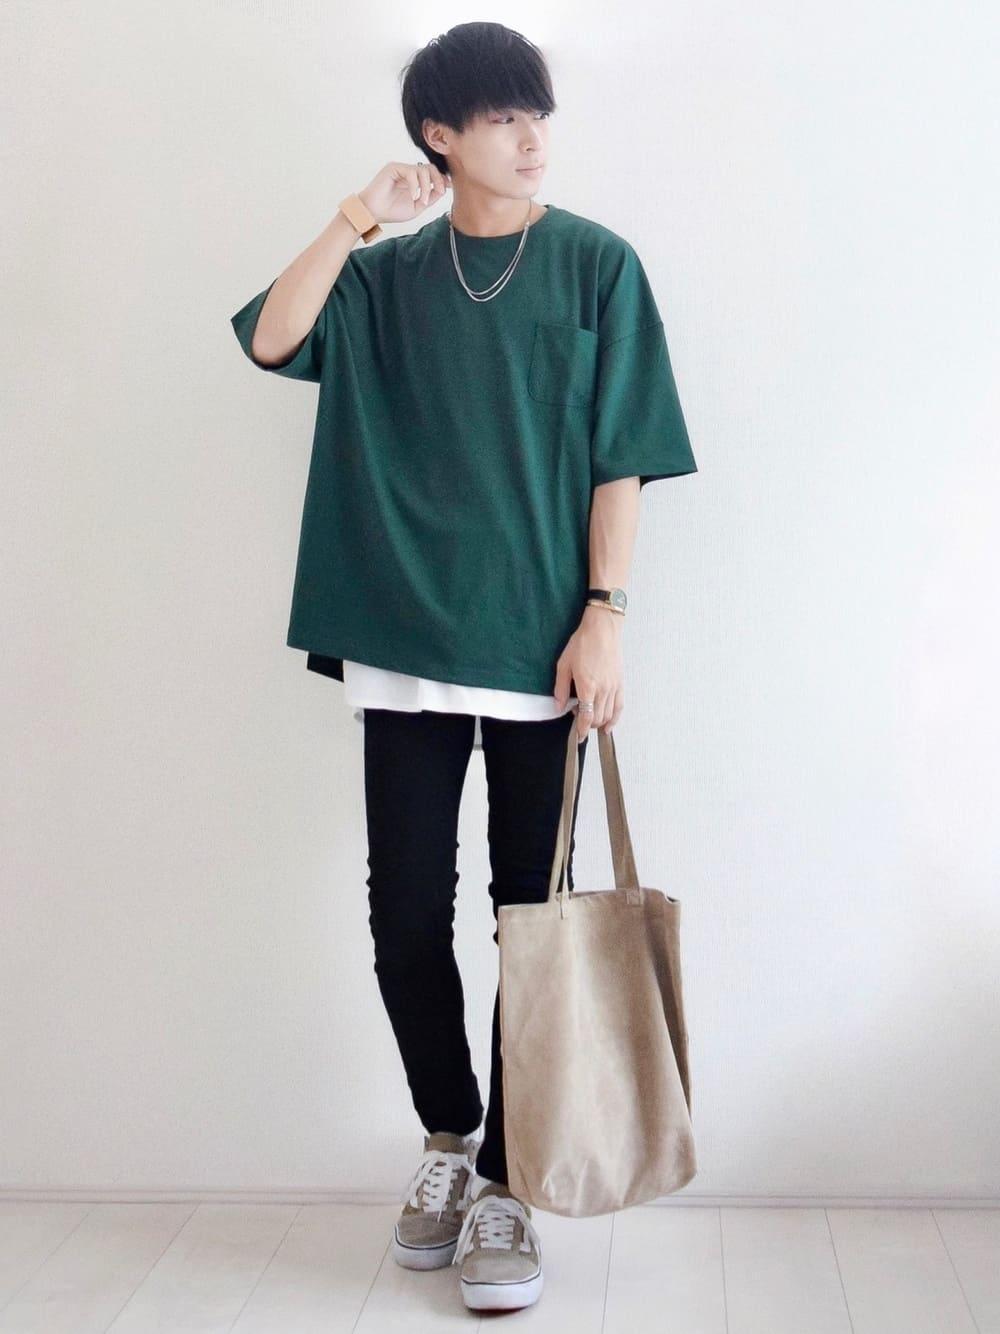 男子高校生の服装